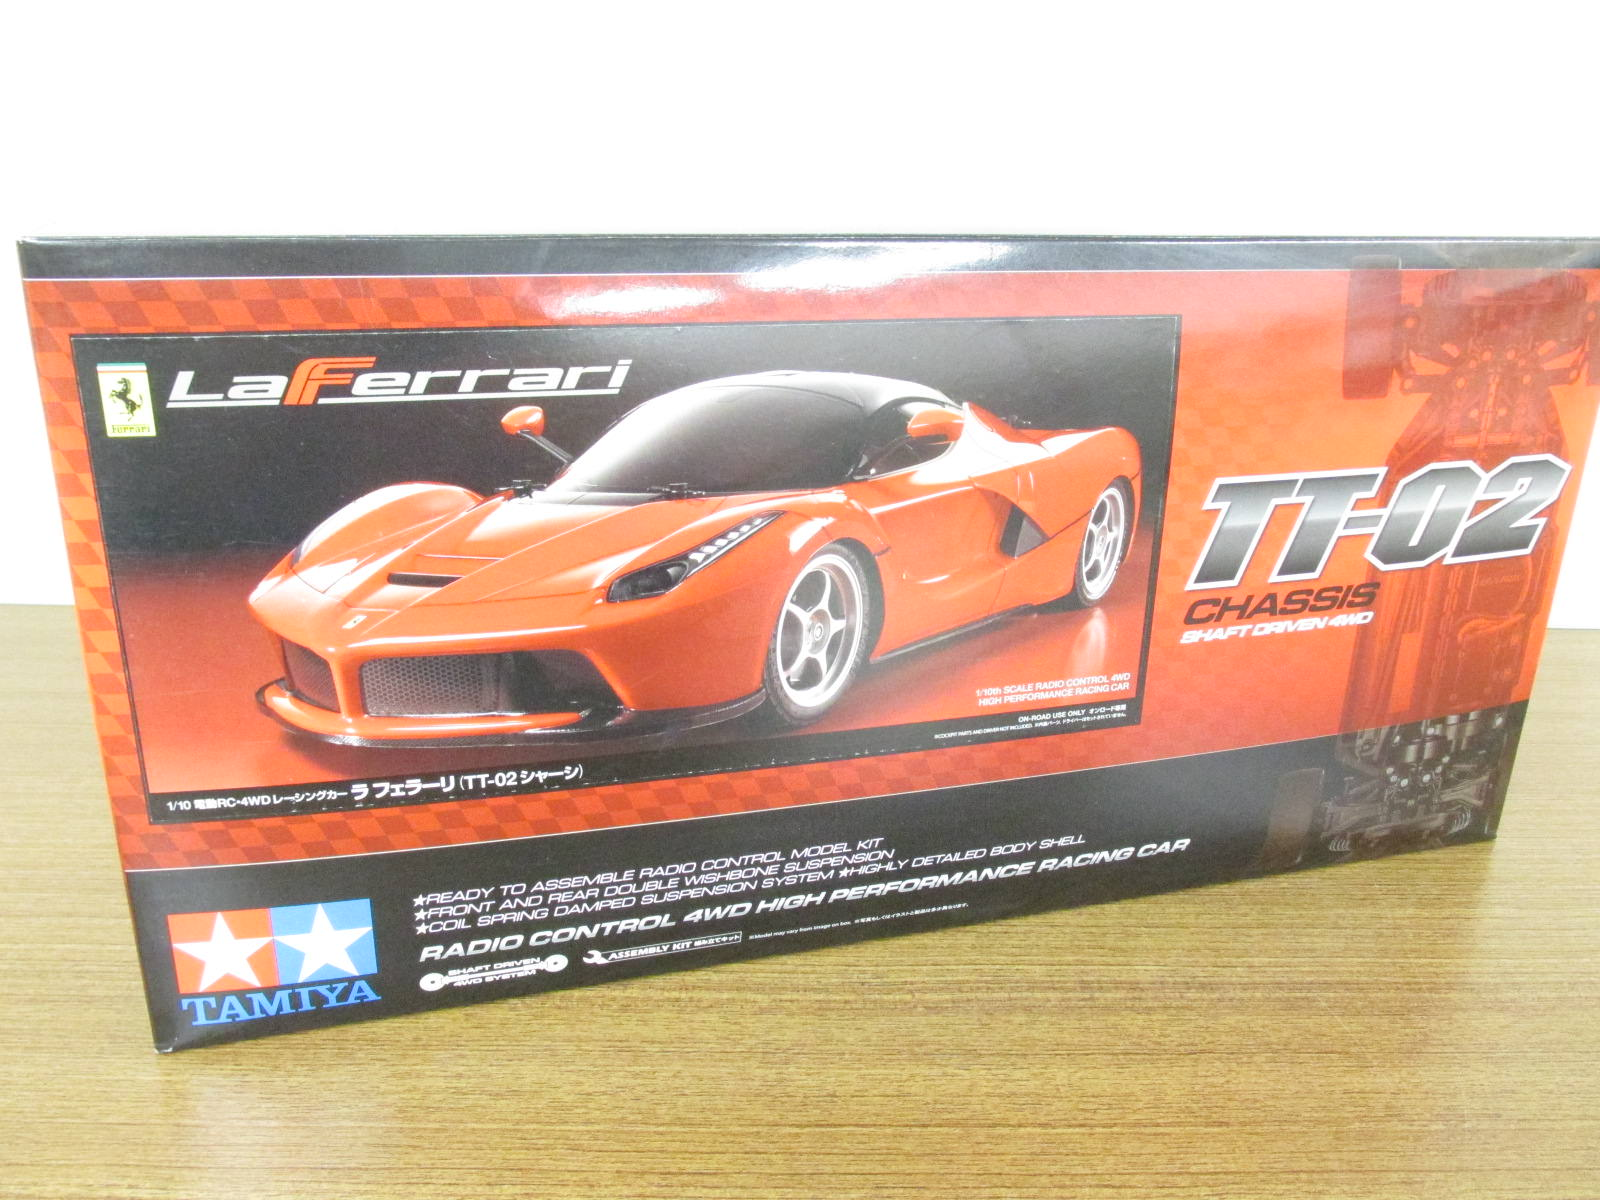 タミヤ 1/10スケール 電動RC4WDレーシングカー ラ フェラーリ (TT-02シャーシ)